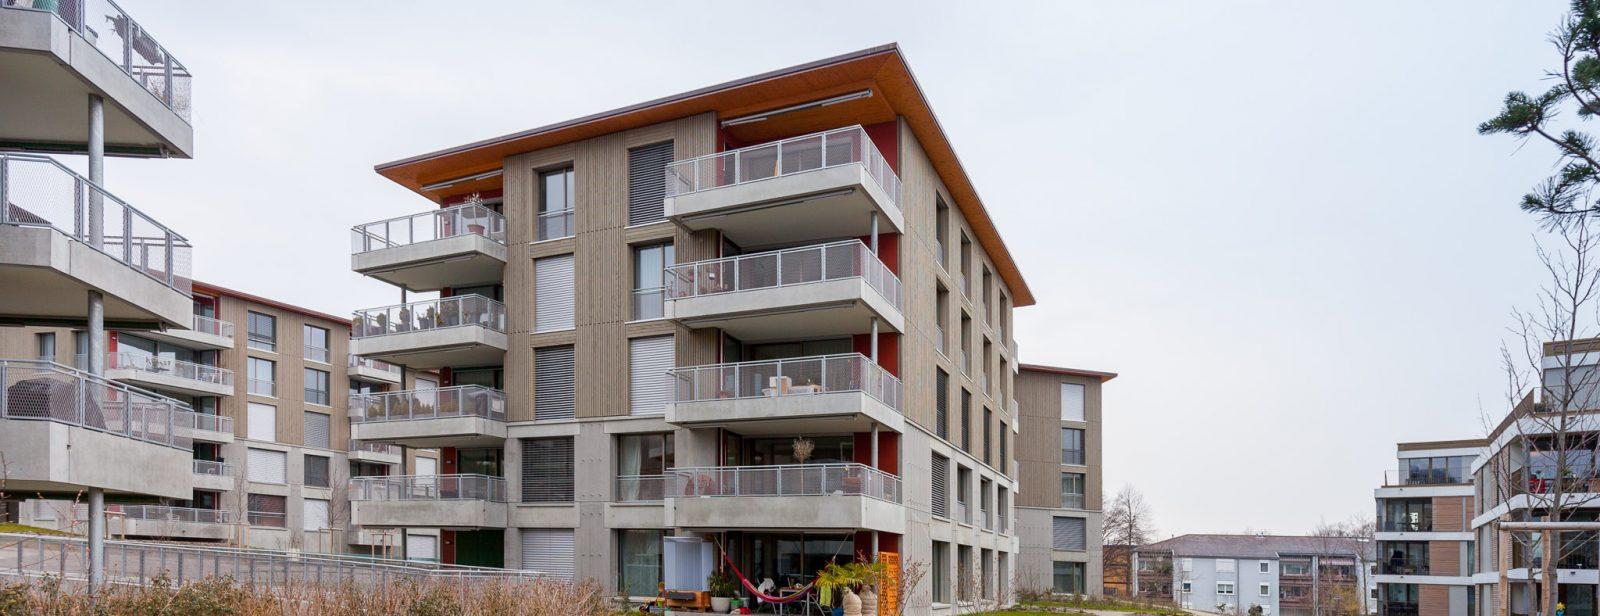 Ersatzneubau Wohnsiedlung Eyhof, Zürich